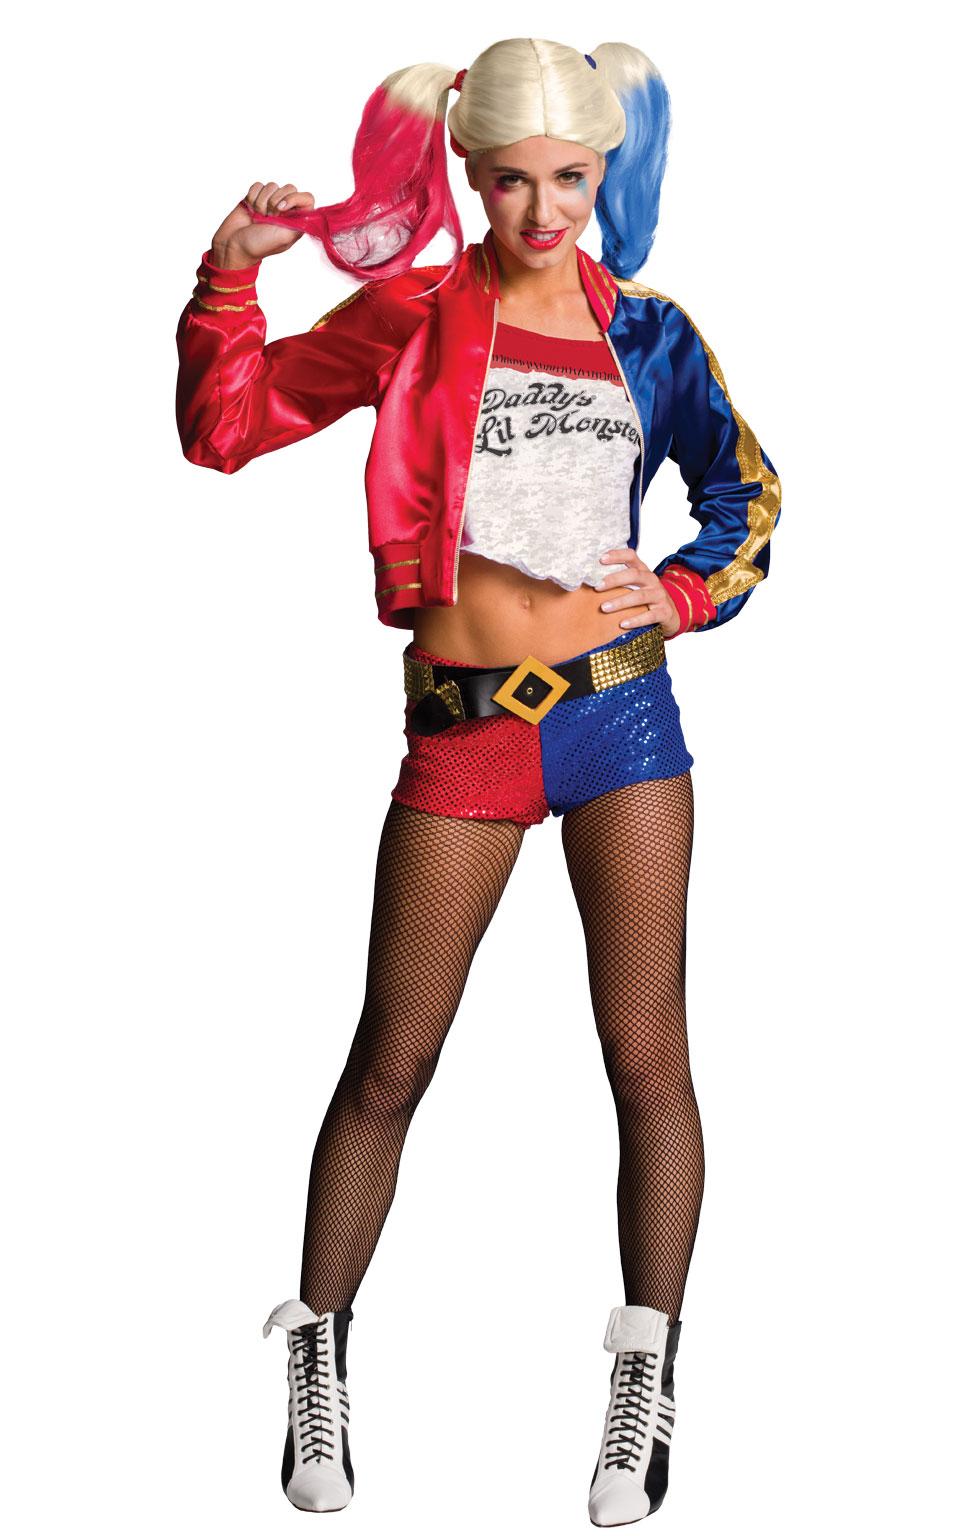 Maskeradkläder Vuxna - Harley Quinn Maskeraddräkt Deluxe